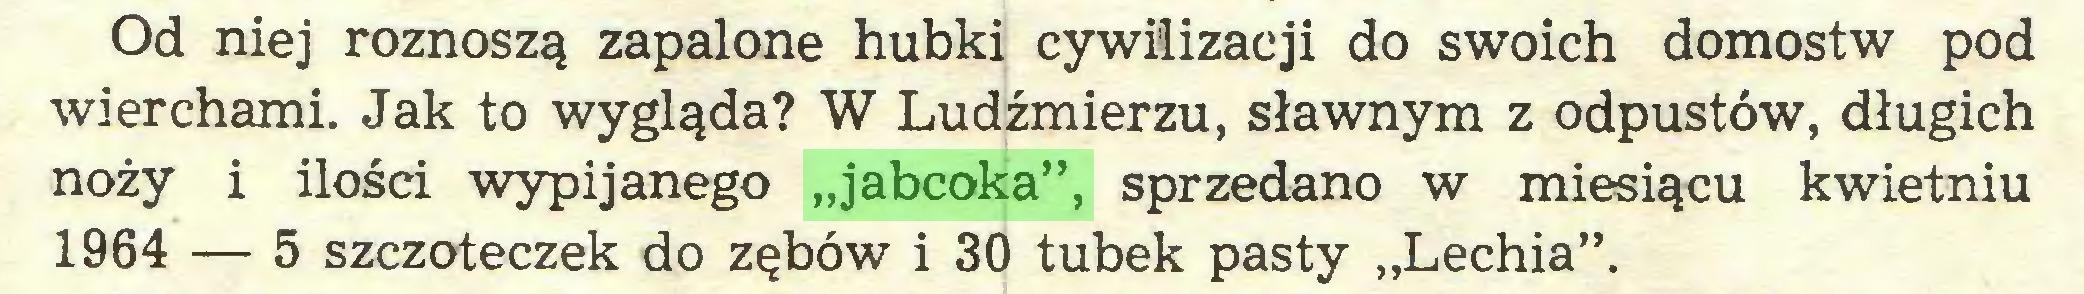 """(...) Od niej roznoszą zapalone hubki cywilizacji do swoich domostw pod wierchami. Jak to wygląda? W Ludźmierzu, sławnym z odpustów, długich noży i ilości wypijanego """"jabcoka"""", sprzedano w miesiącu kwietniu 1964 — 5 szczoteczek do zębów i 30 tubek pasty """"Lechia""""..."""